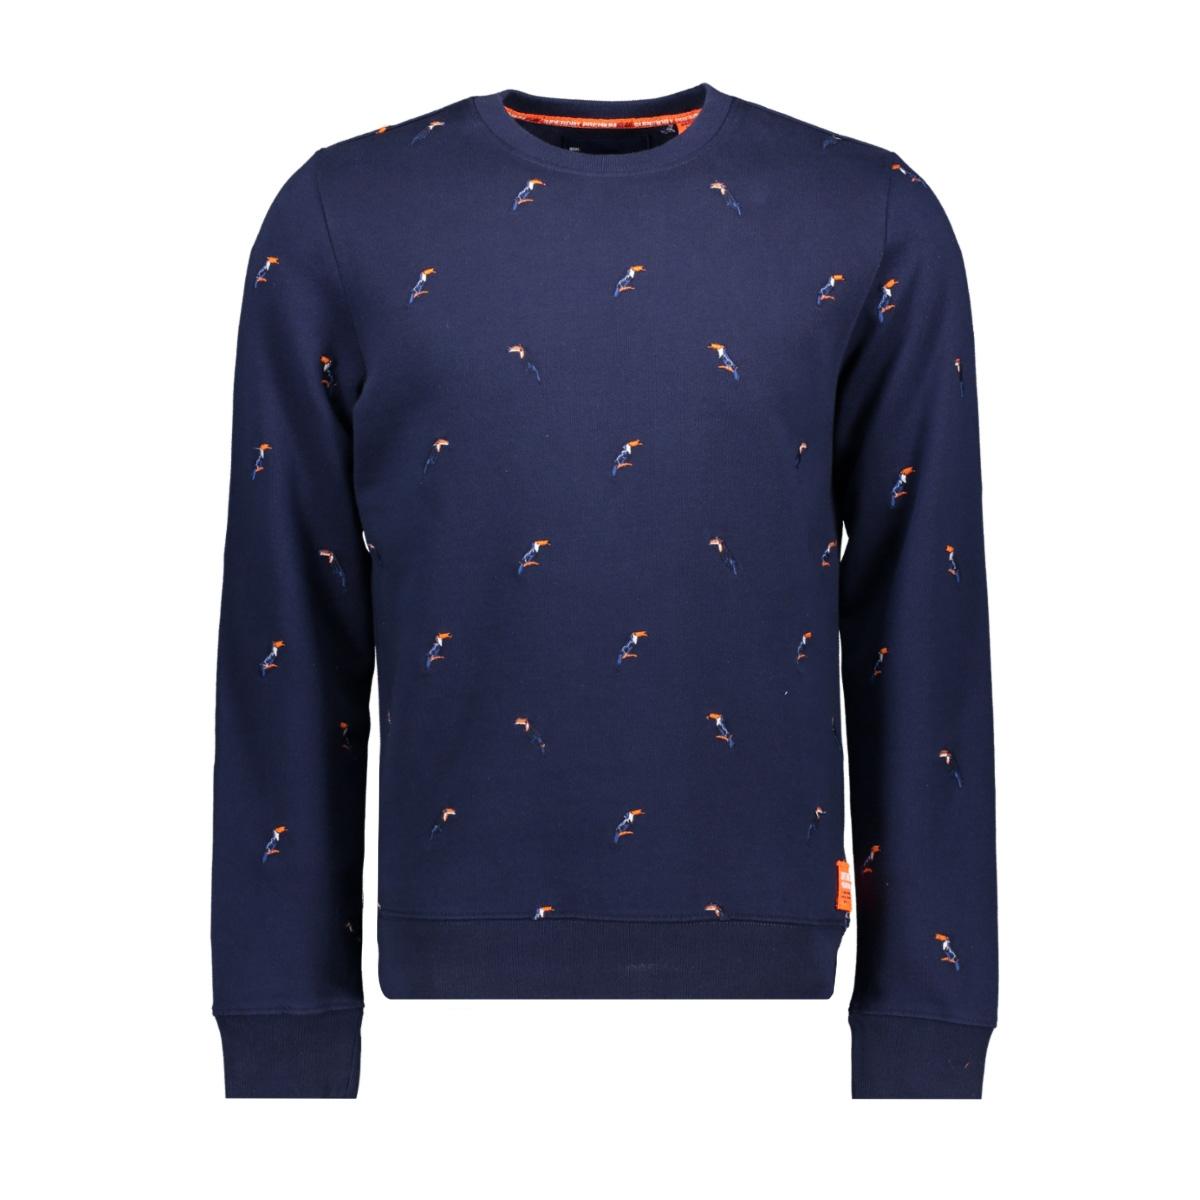 m20101et superdry sweater vintage navy